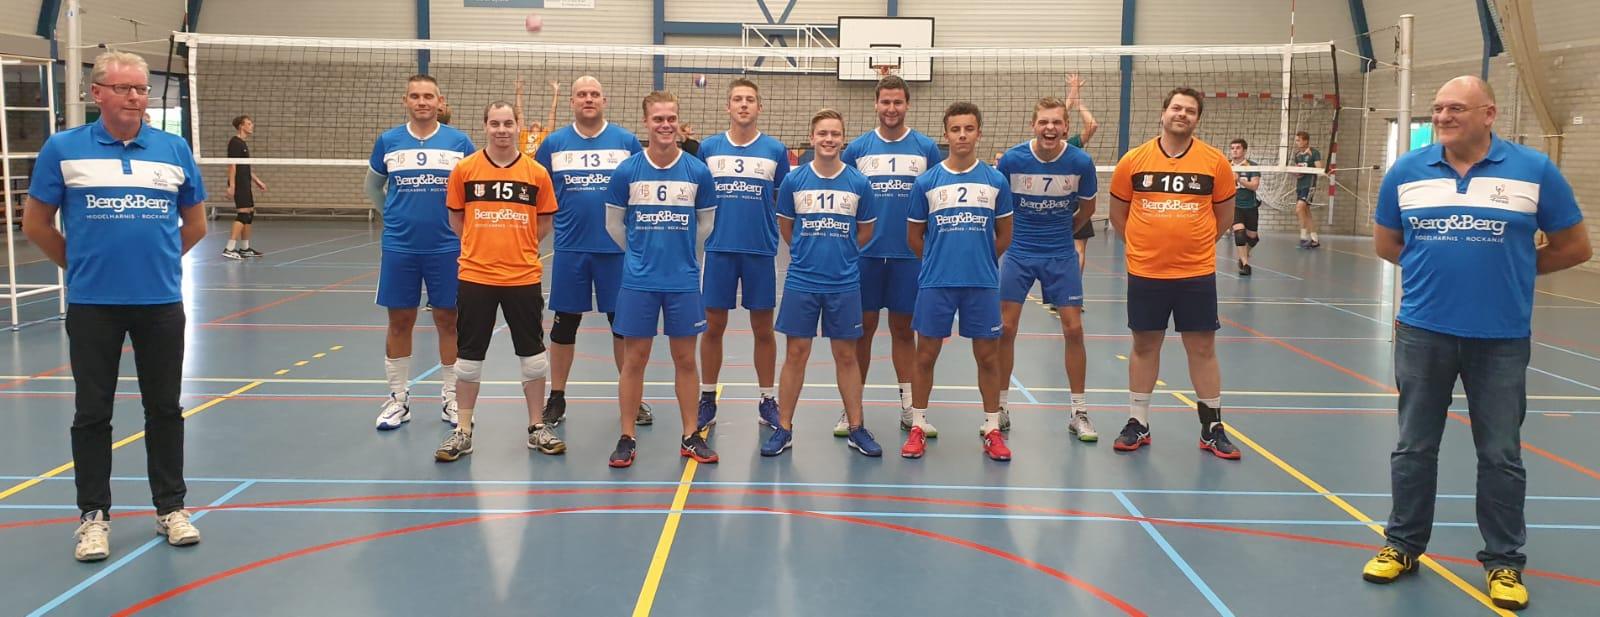 heren 1 forza intermezzo volleybal schouwen-duiveland